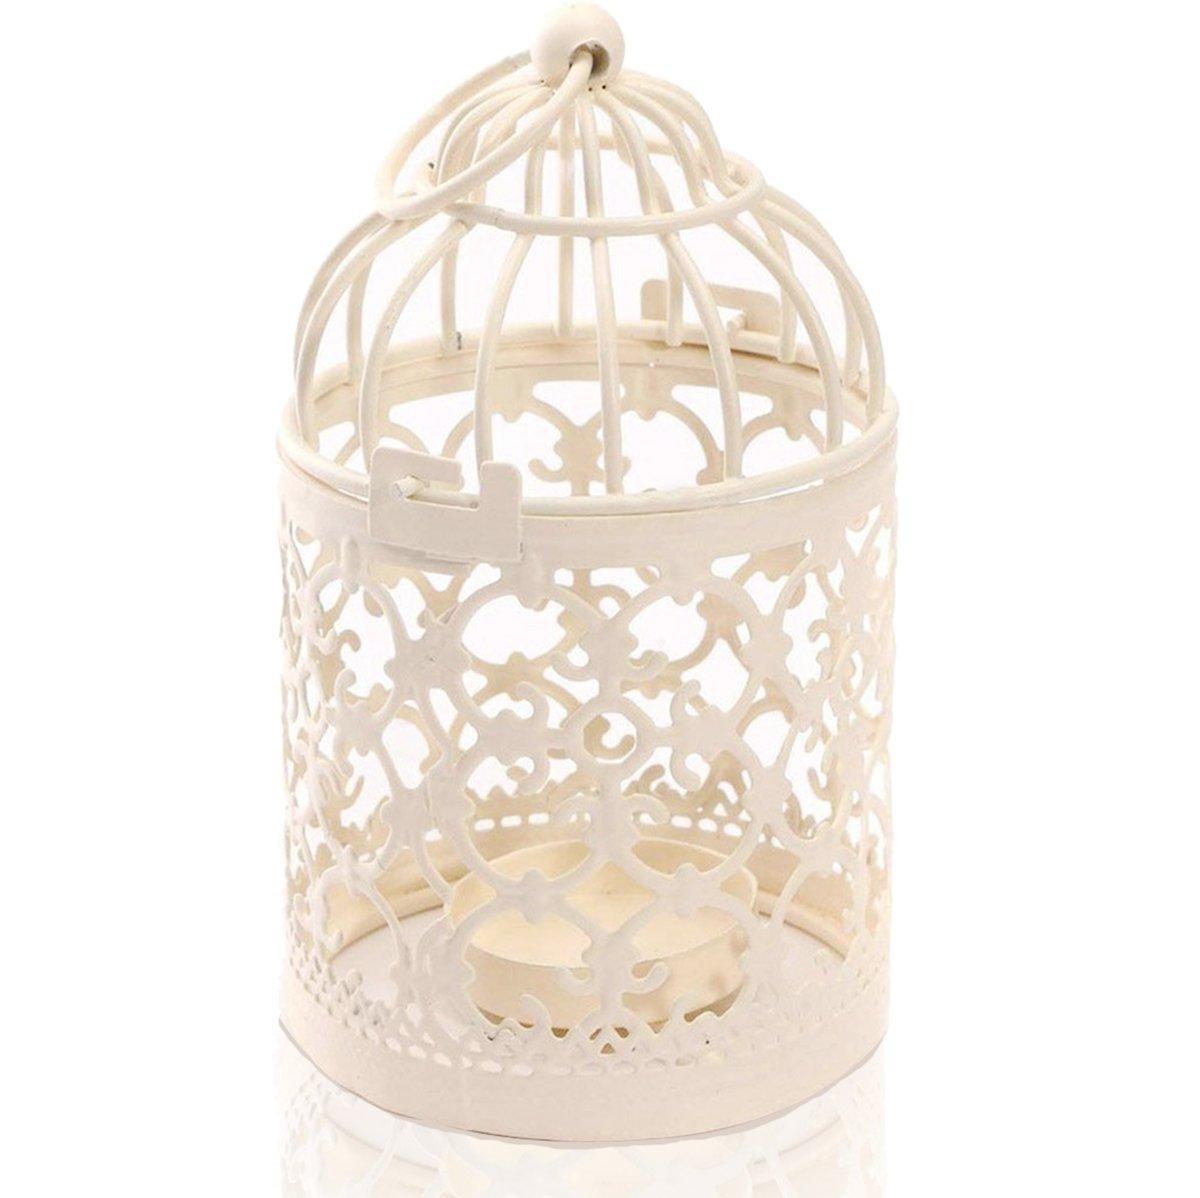 Porte-bougies Zedtom 8 x 14cm en forme de boîte à oiseaux en métal lanternes pour décoration de table de mariage (blanc)